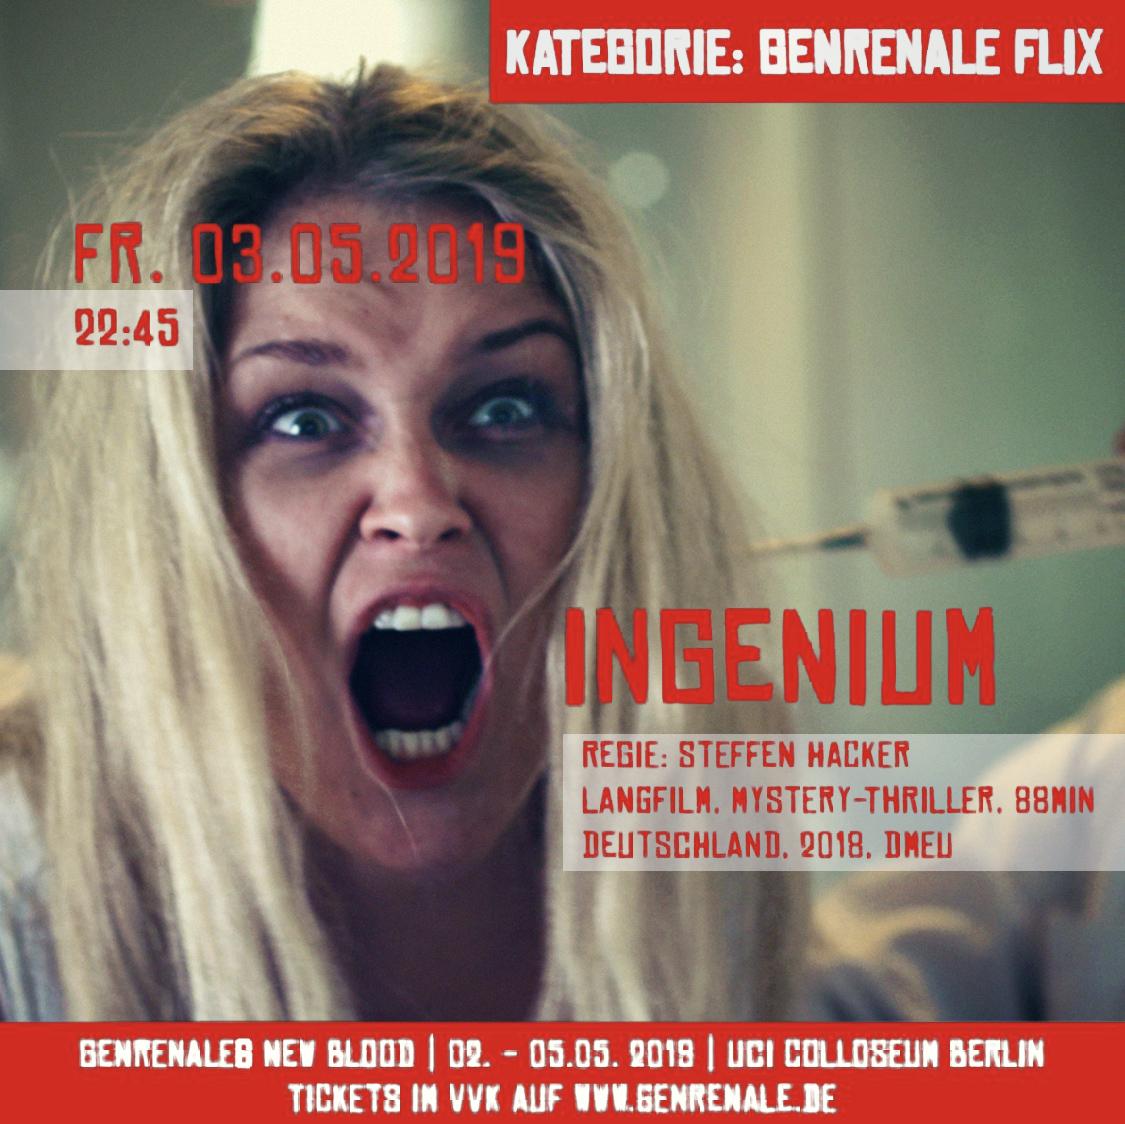 Kinofilm INGENIUM goes Festivaltour!